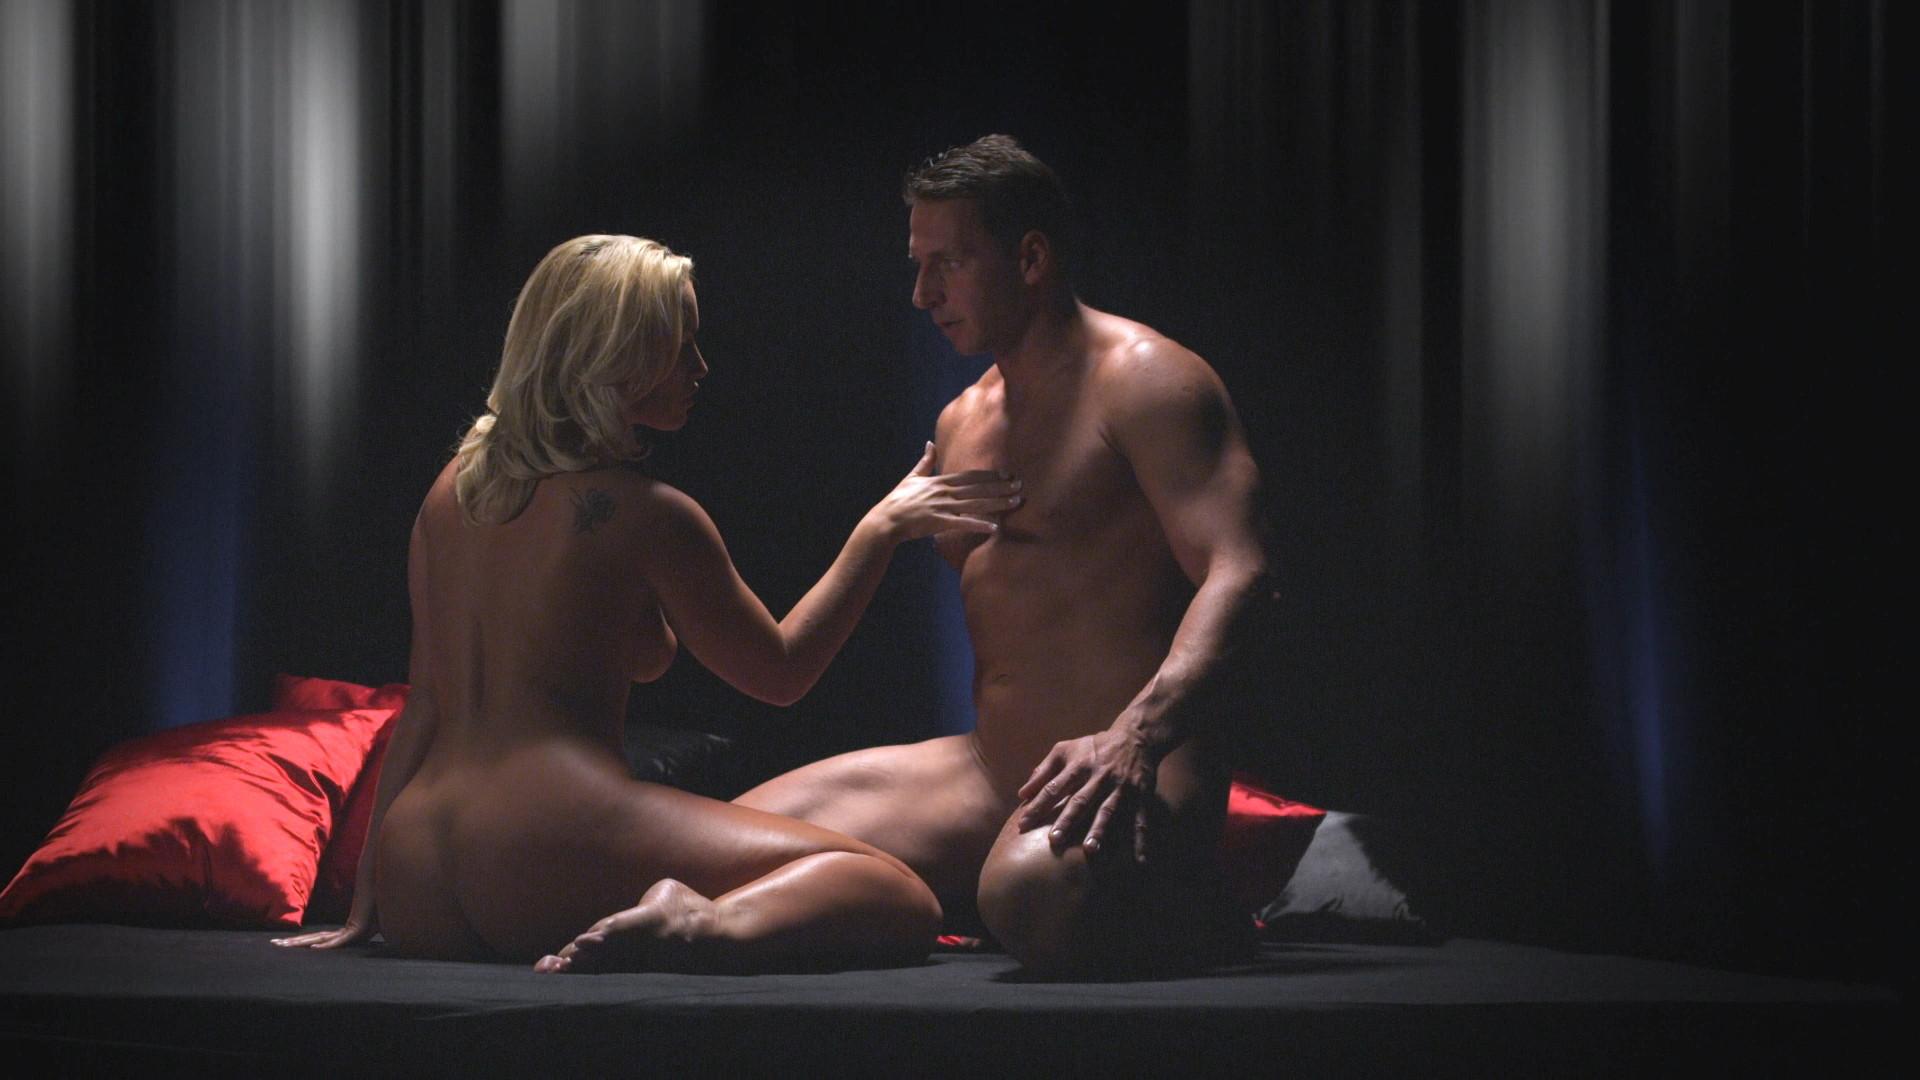 smotret-onlayn-film-seks-rukovodstvo